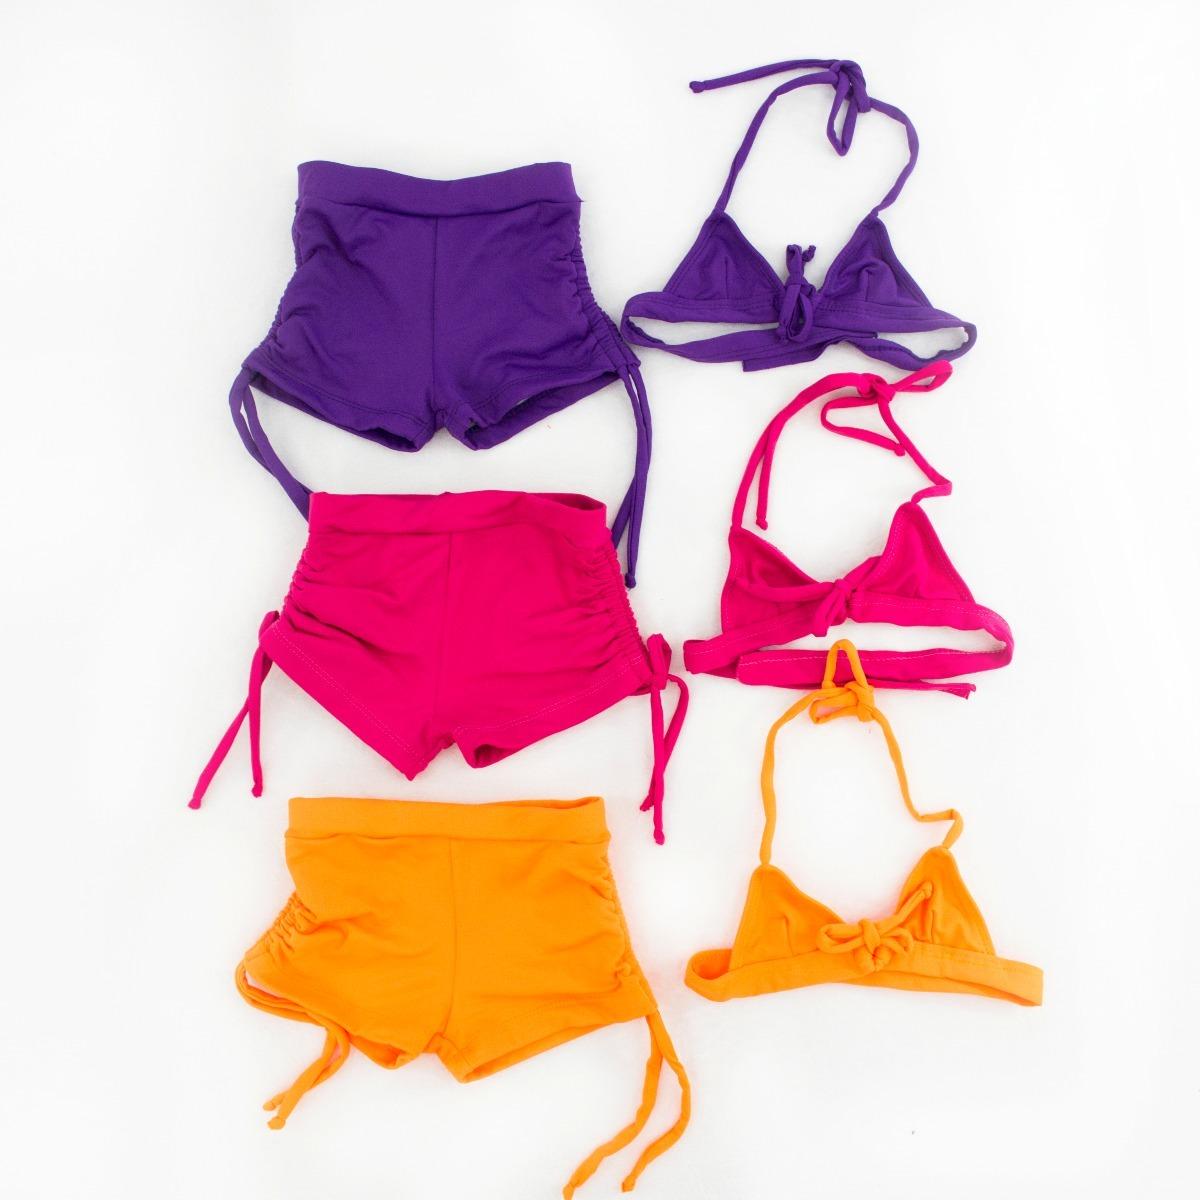 9c73c7ced648 Biquínis Infantis Bionda (shorts) Inf. 007 - R$ 40,00 em Mercado Livre